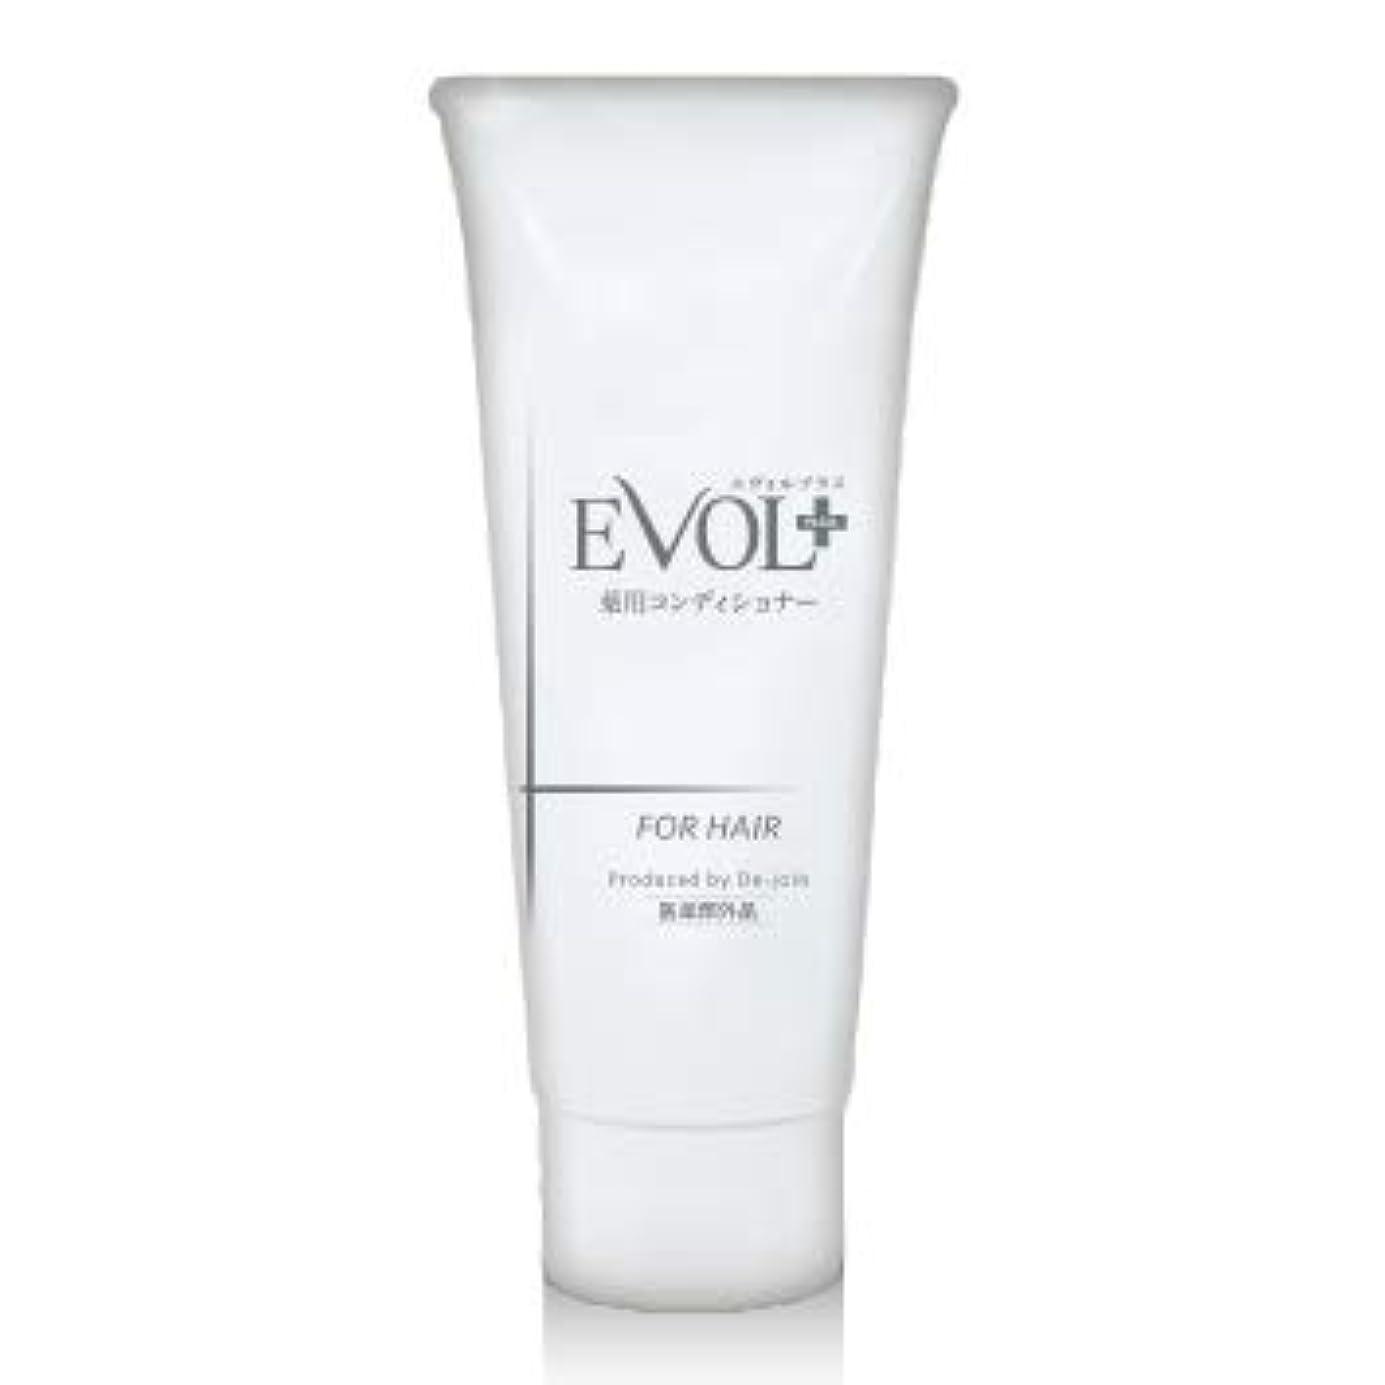 適切に刺繍フィクションEVOL+(エヴォルプラス)薬用育毛コンディショナー お得なコース